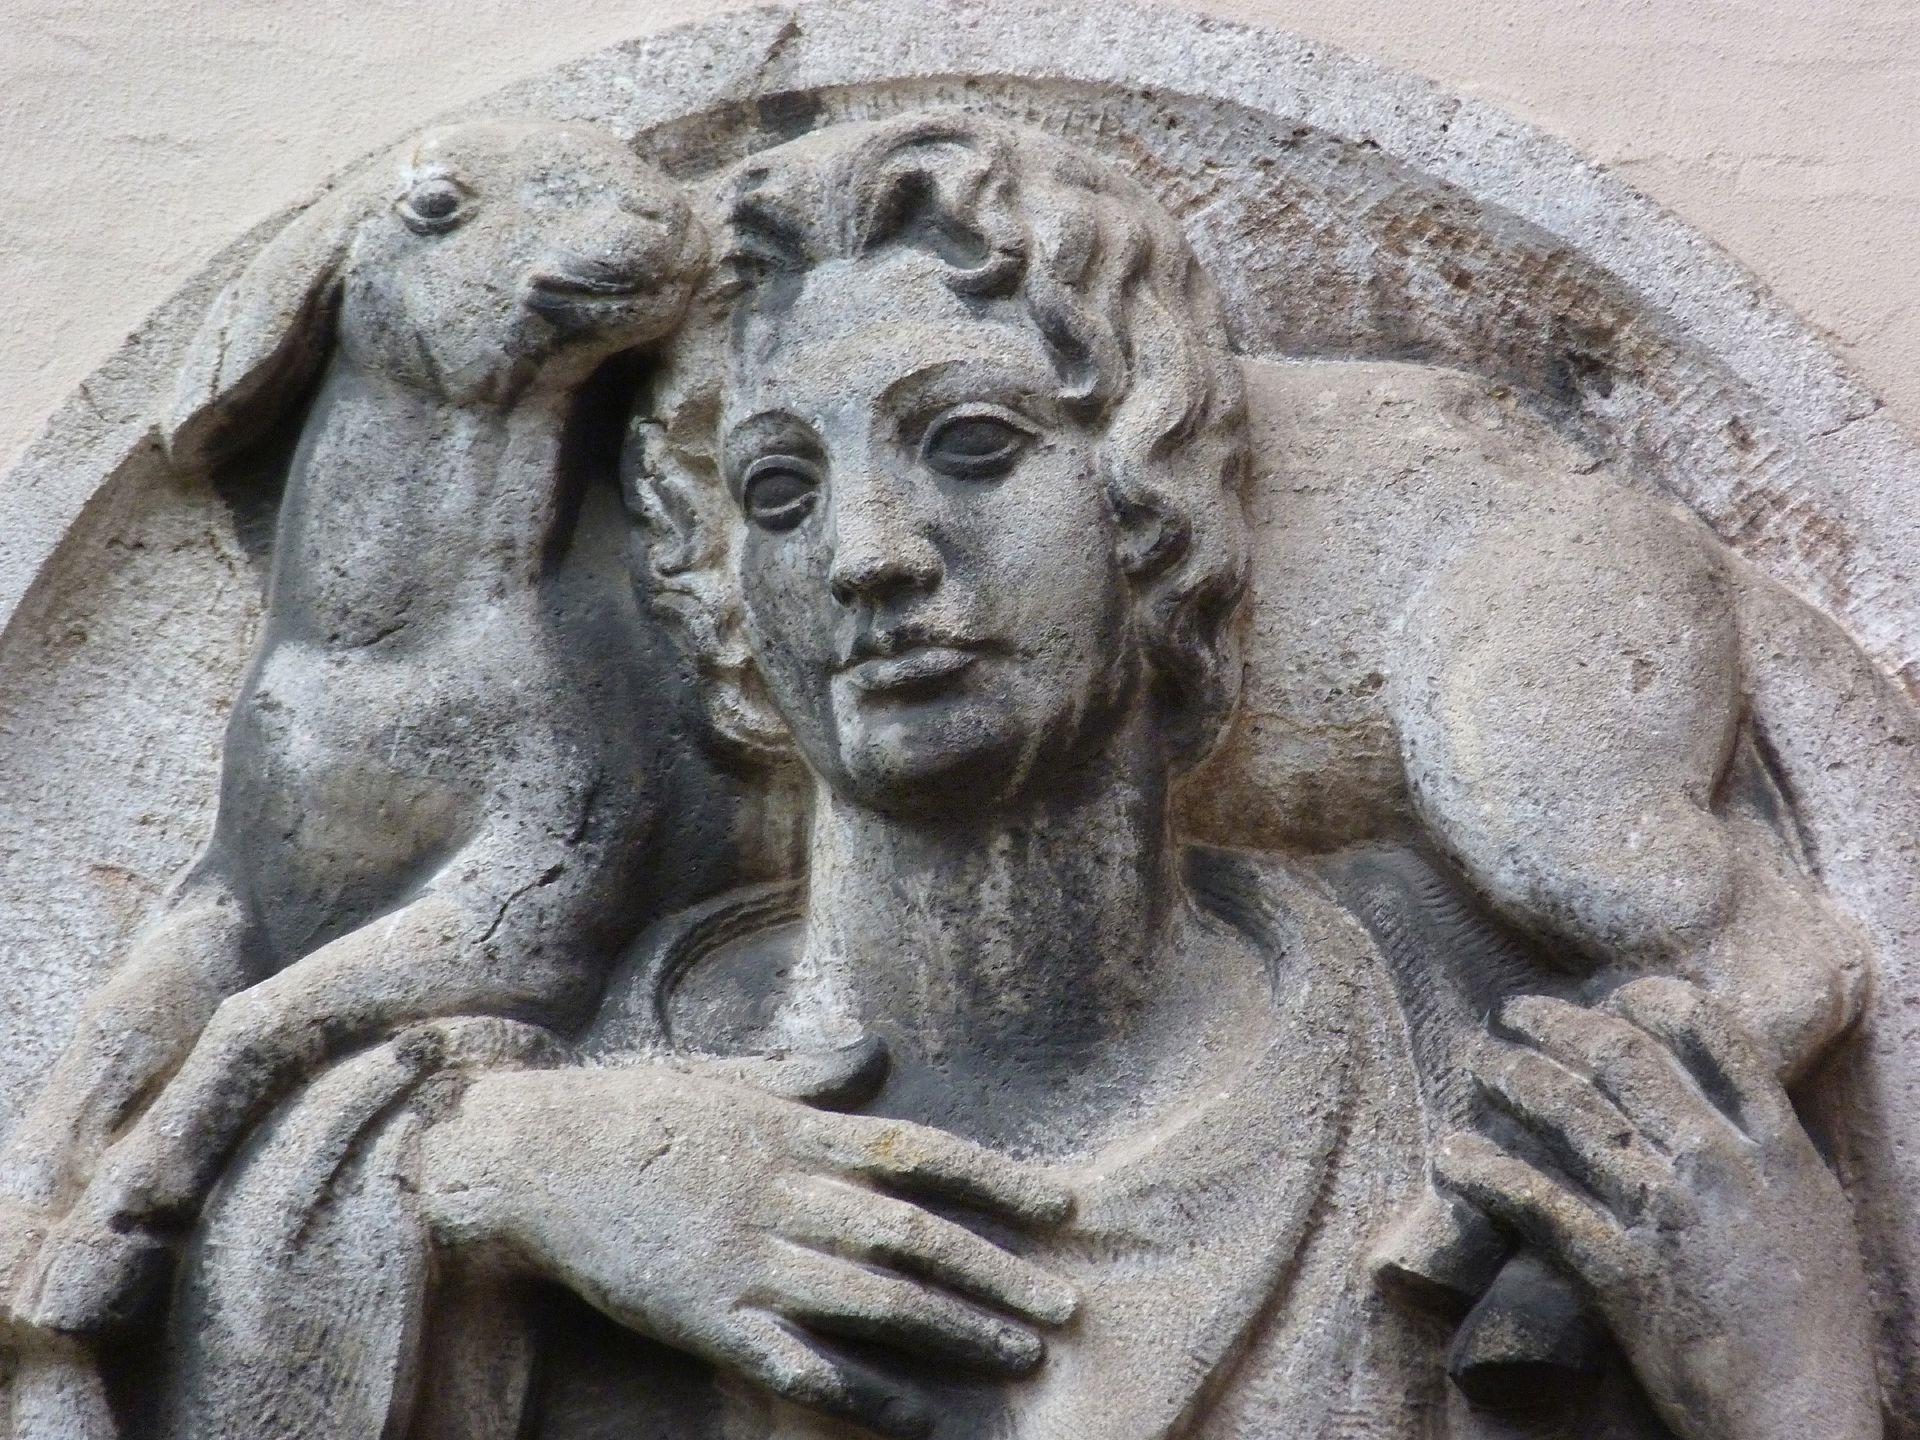 Tondo with the Godd Shepherd (Moskoforos) Detail